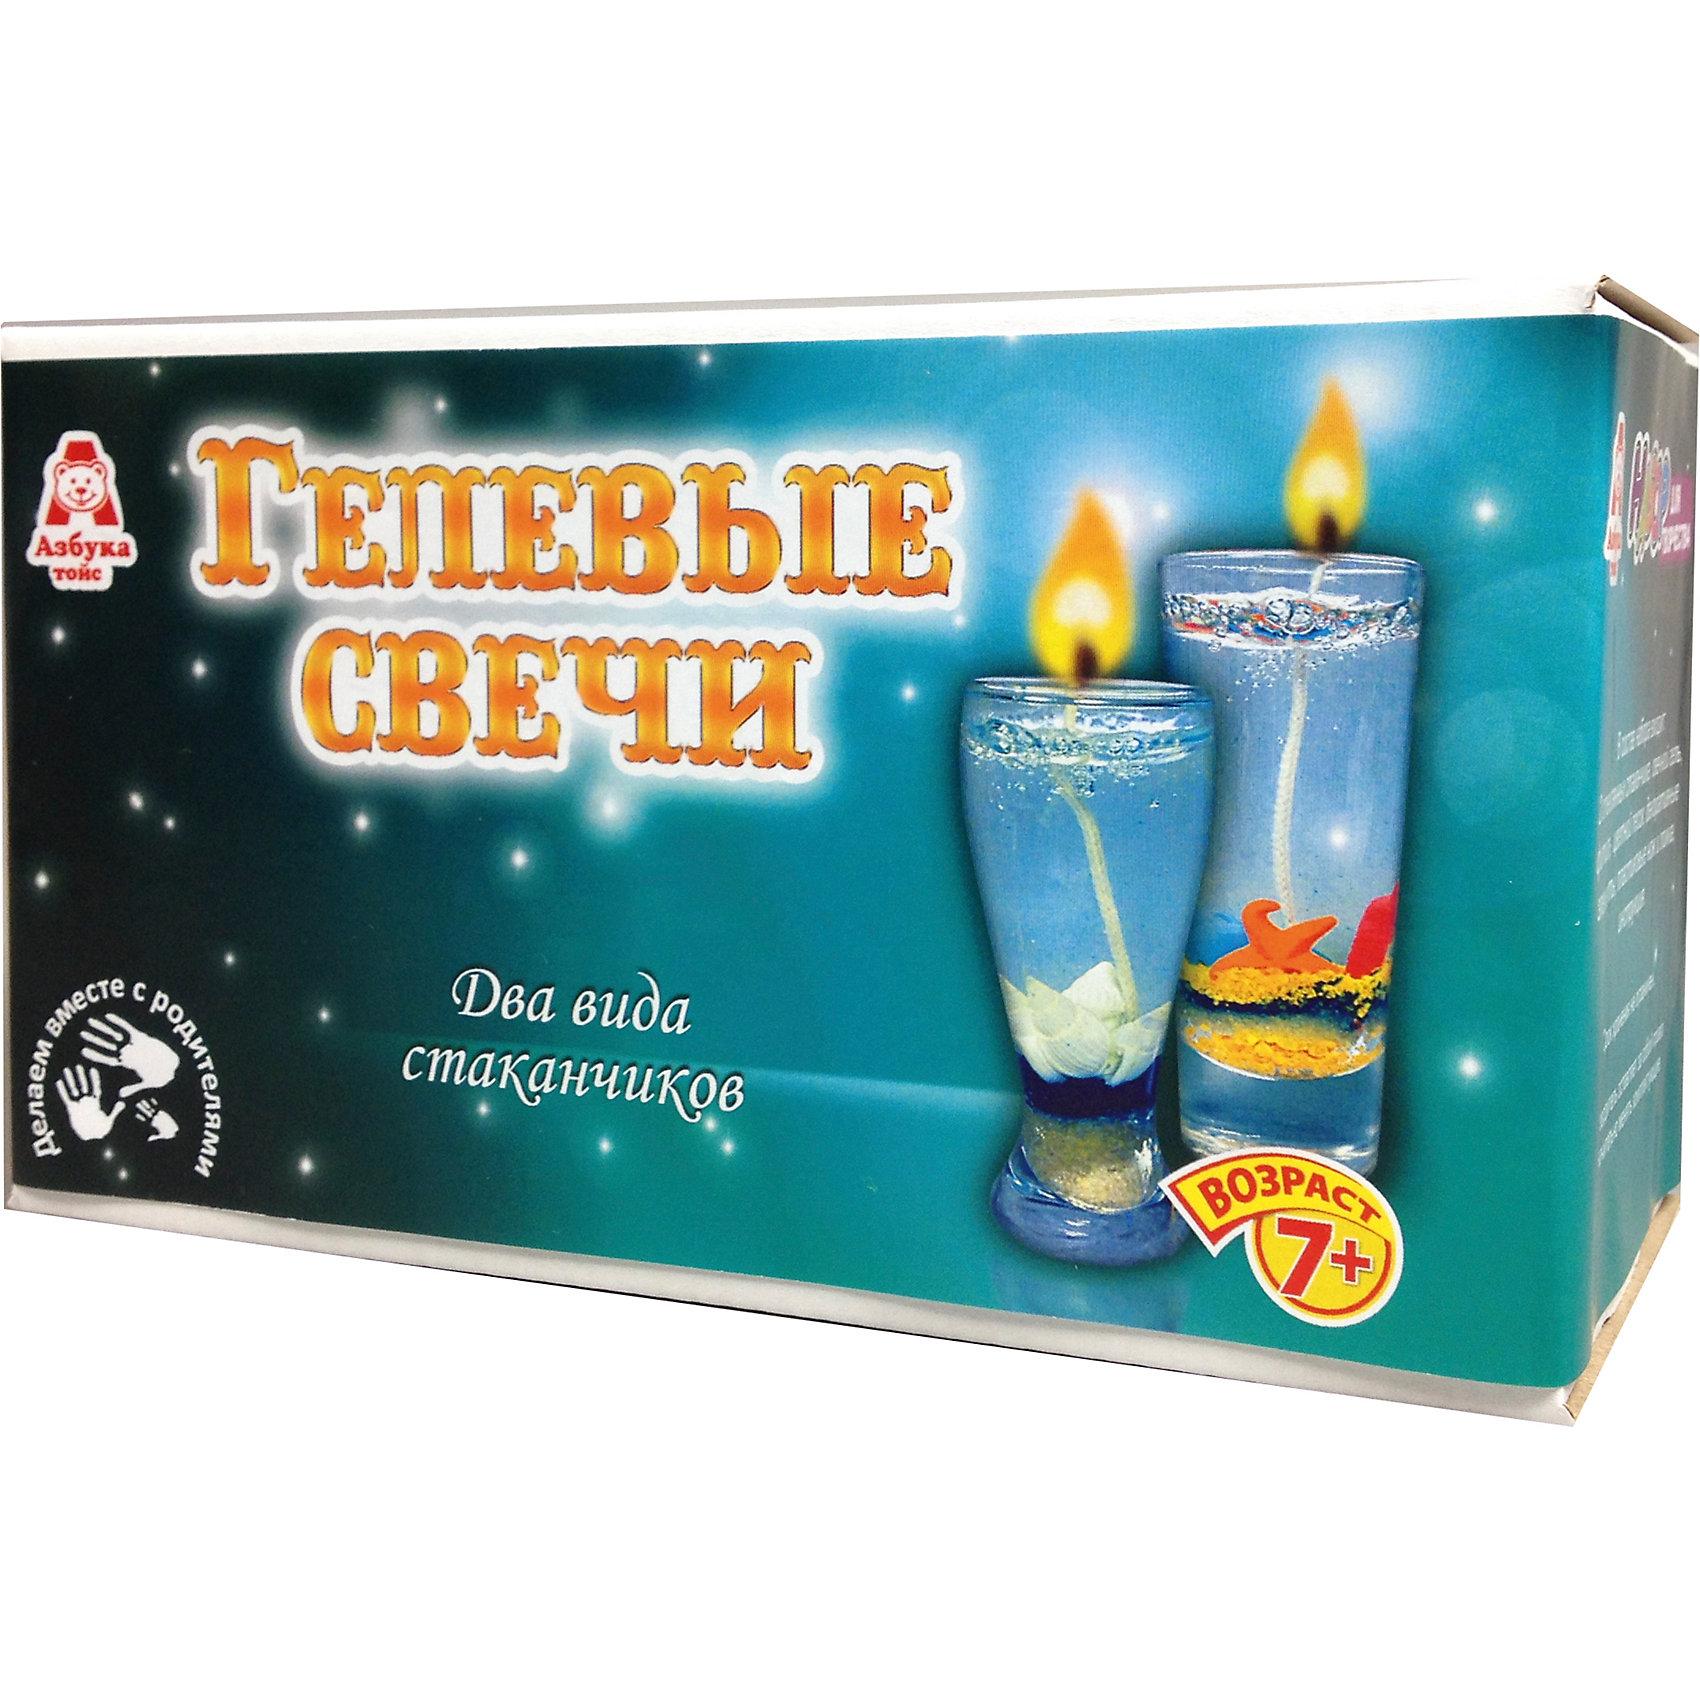 Свечи  гелевые Морской бризНаборы для создания свечей<br>Характеристики товара:<br><br>• упаковка: коробка<br>• материал: гель<br>• возраст: 7+<br>• масса: 470 г<br>• габариты: 170х80х100 мм<br>• комплектация: 2 стеклянных стаканчика, гель, фитиль, пластмассовый ножик и ложка, песок, декоративные элементы, инструкция<br>• страна бренда: РФ<br>• страна изготовитель: РФ<br><br>Магия огня притягательна для всех возрастов. Создание свечей – интересный и необычный опыт в творчестве малышей. Набор содержит все необходимое, чтобы создать необычную свечу. Готовую свечу можно использовать, как по прямому назначению, так и как элемент декора. <br>Набор станет отличным подарком ребенку, так как он сможет сам сделать красивую вещь для себя или в качестве подарка близким! Материалы, использованные при изготовлении товара, сертифицированы и отвечают всем международным требованиям по качеству. <br><br>Свечи гелевые Морской бриз от бренда Азбука Тойс можно приобрести в нашем интернет-магазине.<br><br>Ширина мм: 170<br>Глубина мм: 80<br>Высота мм: 100<br>Вес г: 470<br>Возраст от месяцев: 84<br>Возраст до месяцев: 144<br>Пол: Унисекс<br>Возраст: Детский<br>SKU: 5062898